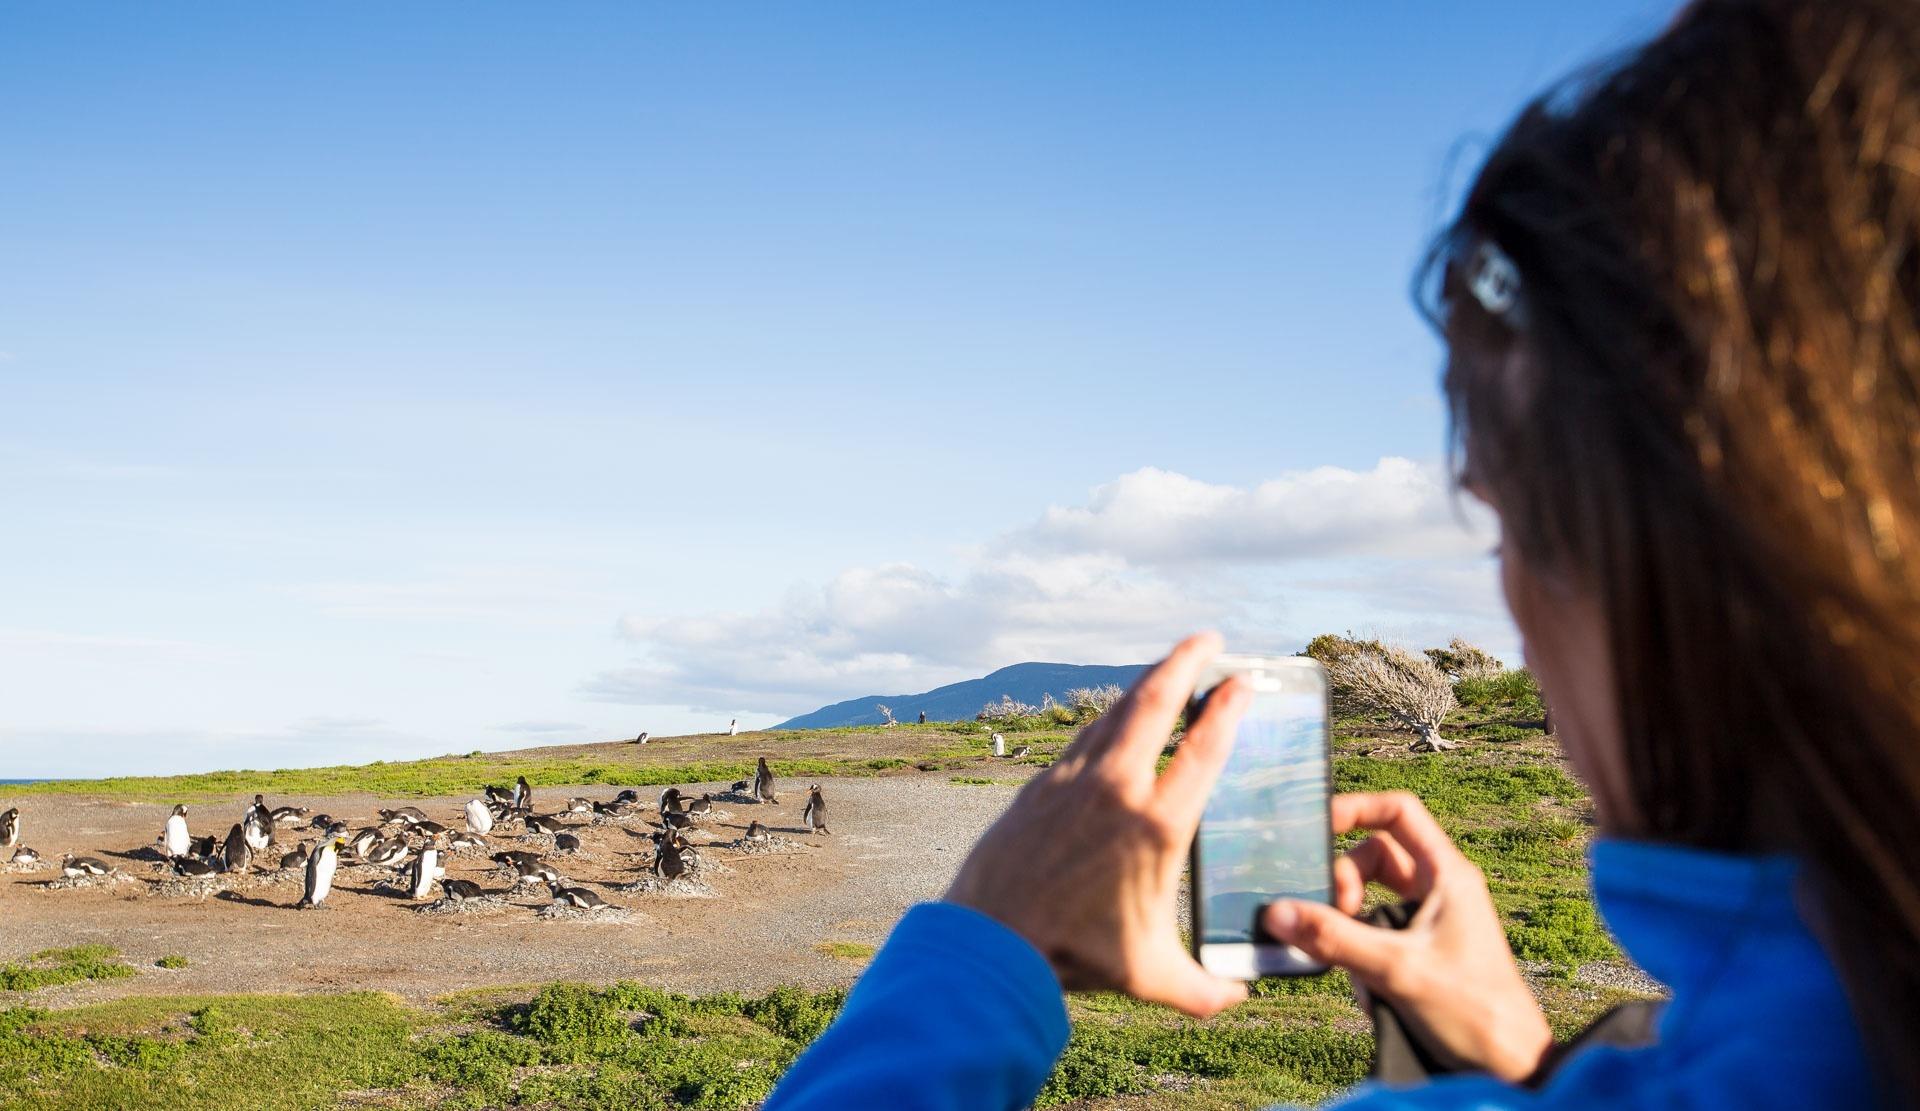 Magellan-Pinguine sichtet man am Besten von September bis April. Quelle: Viventura